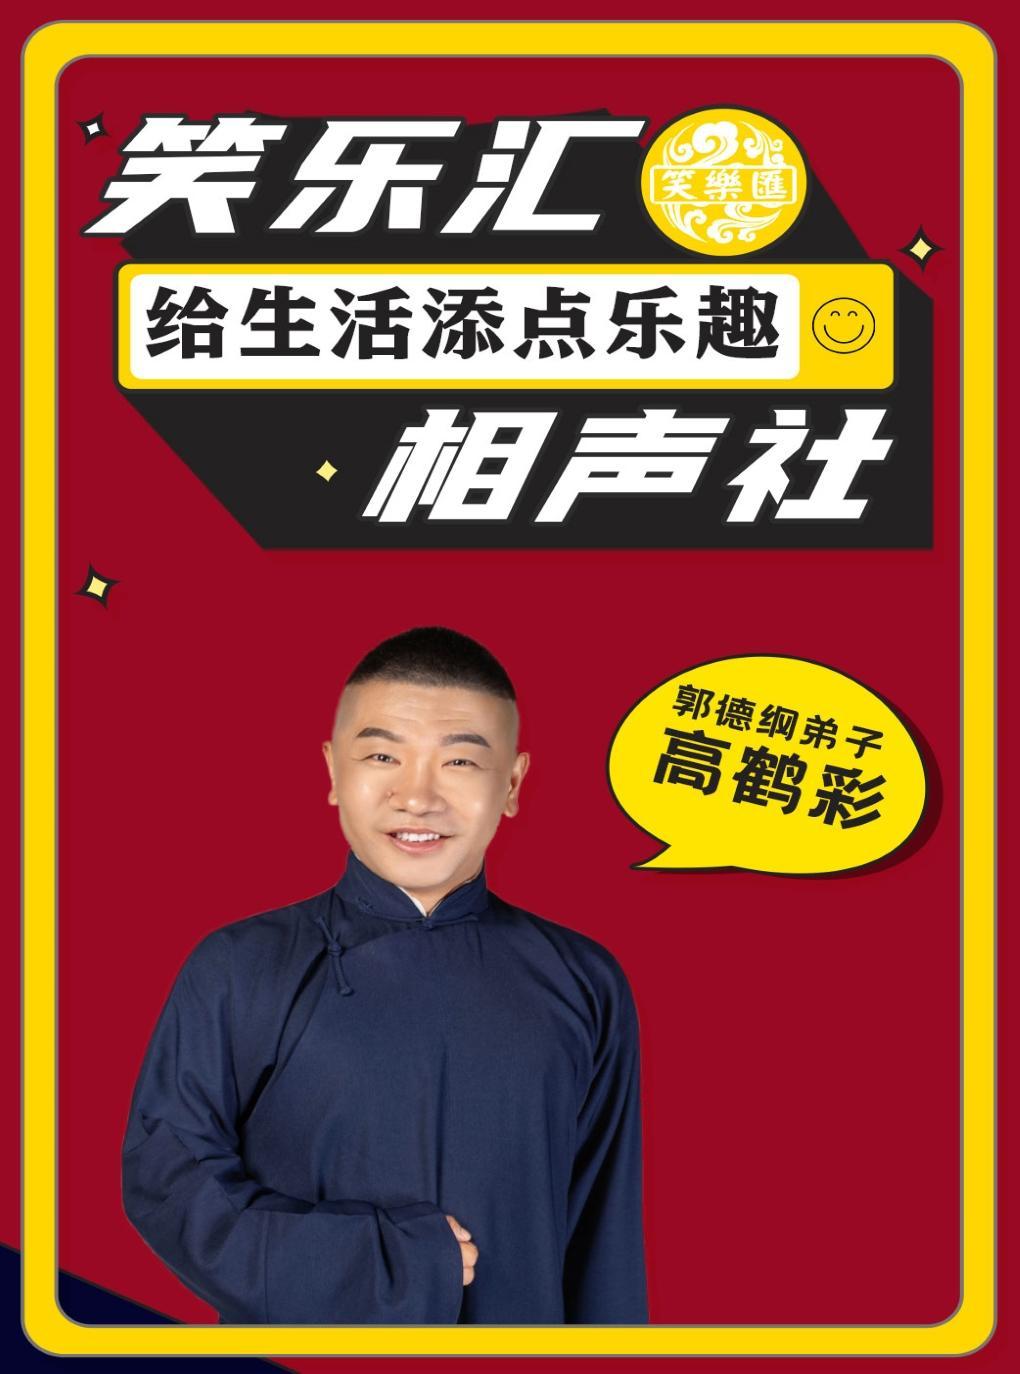 【上海】笑乐汇相声社-高鹤彩领衔主演